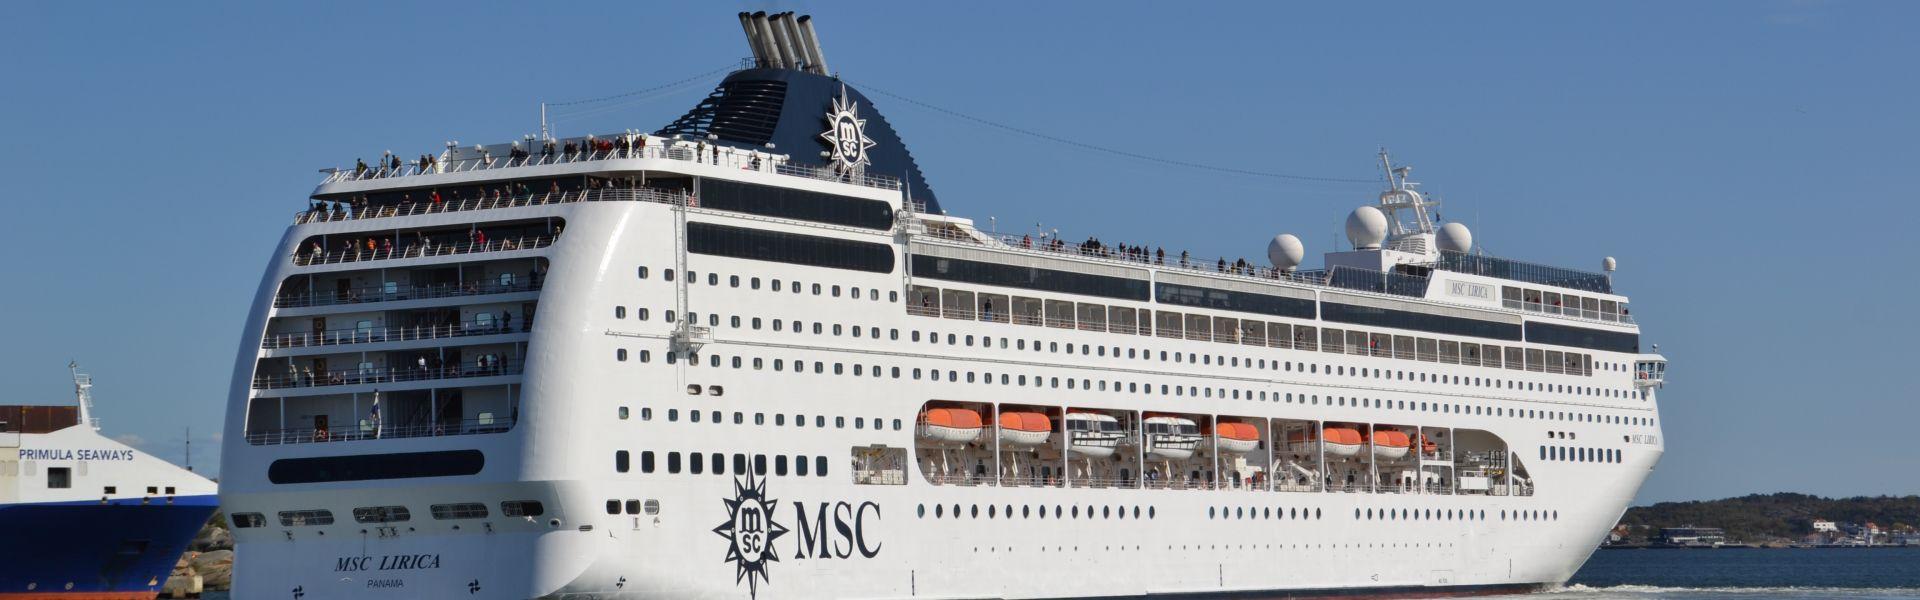 Croaziera 2019 - Orientul Mijlociu (Dubai) - MSC Cruises - MSC Lirica - 11 nopti